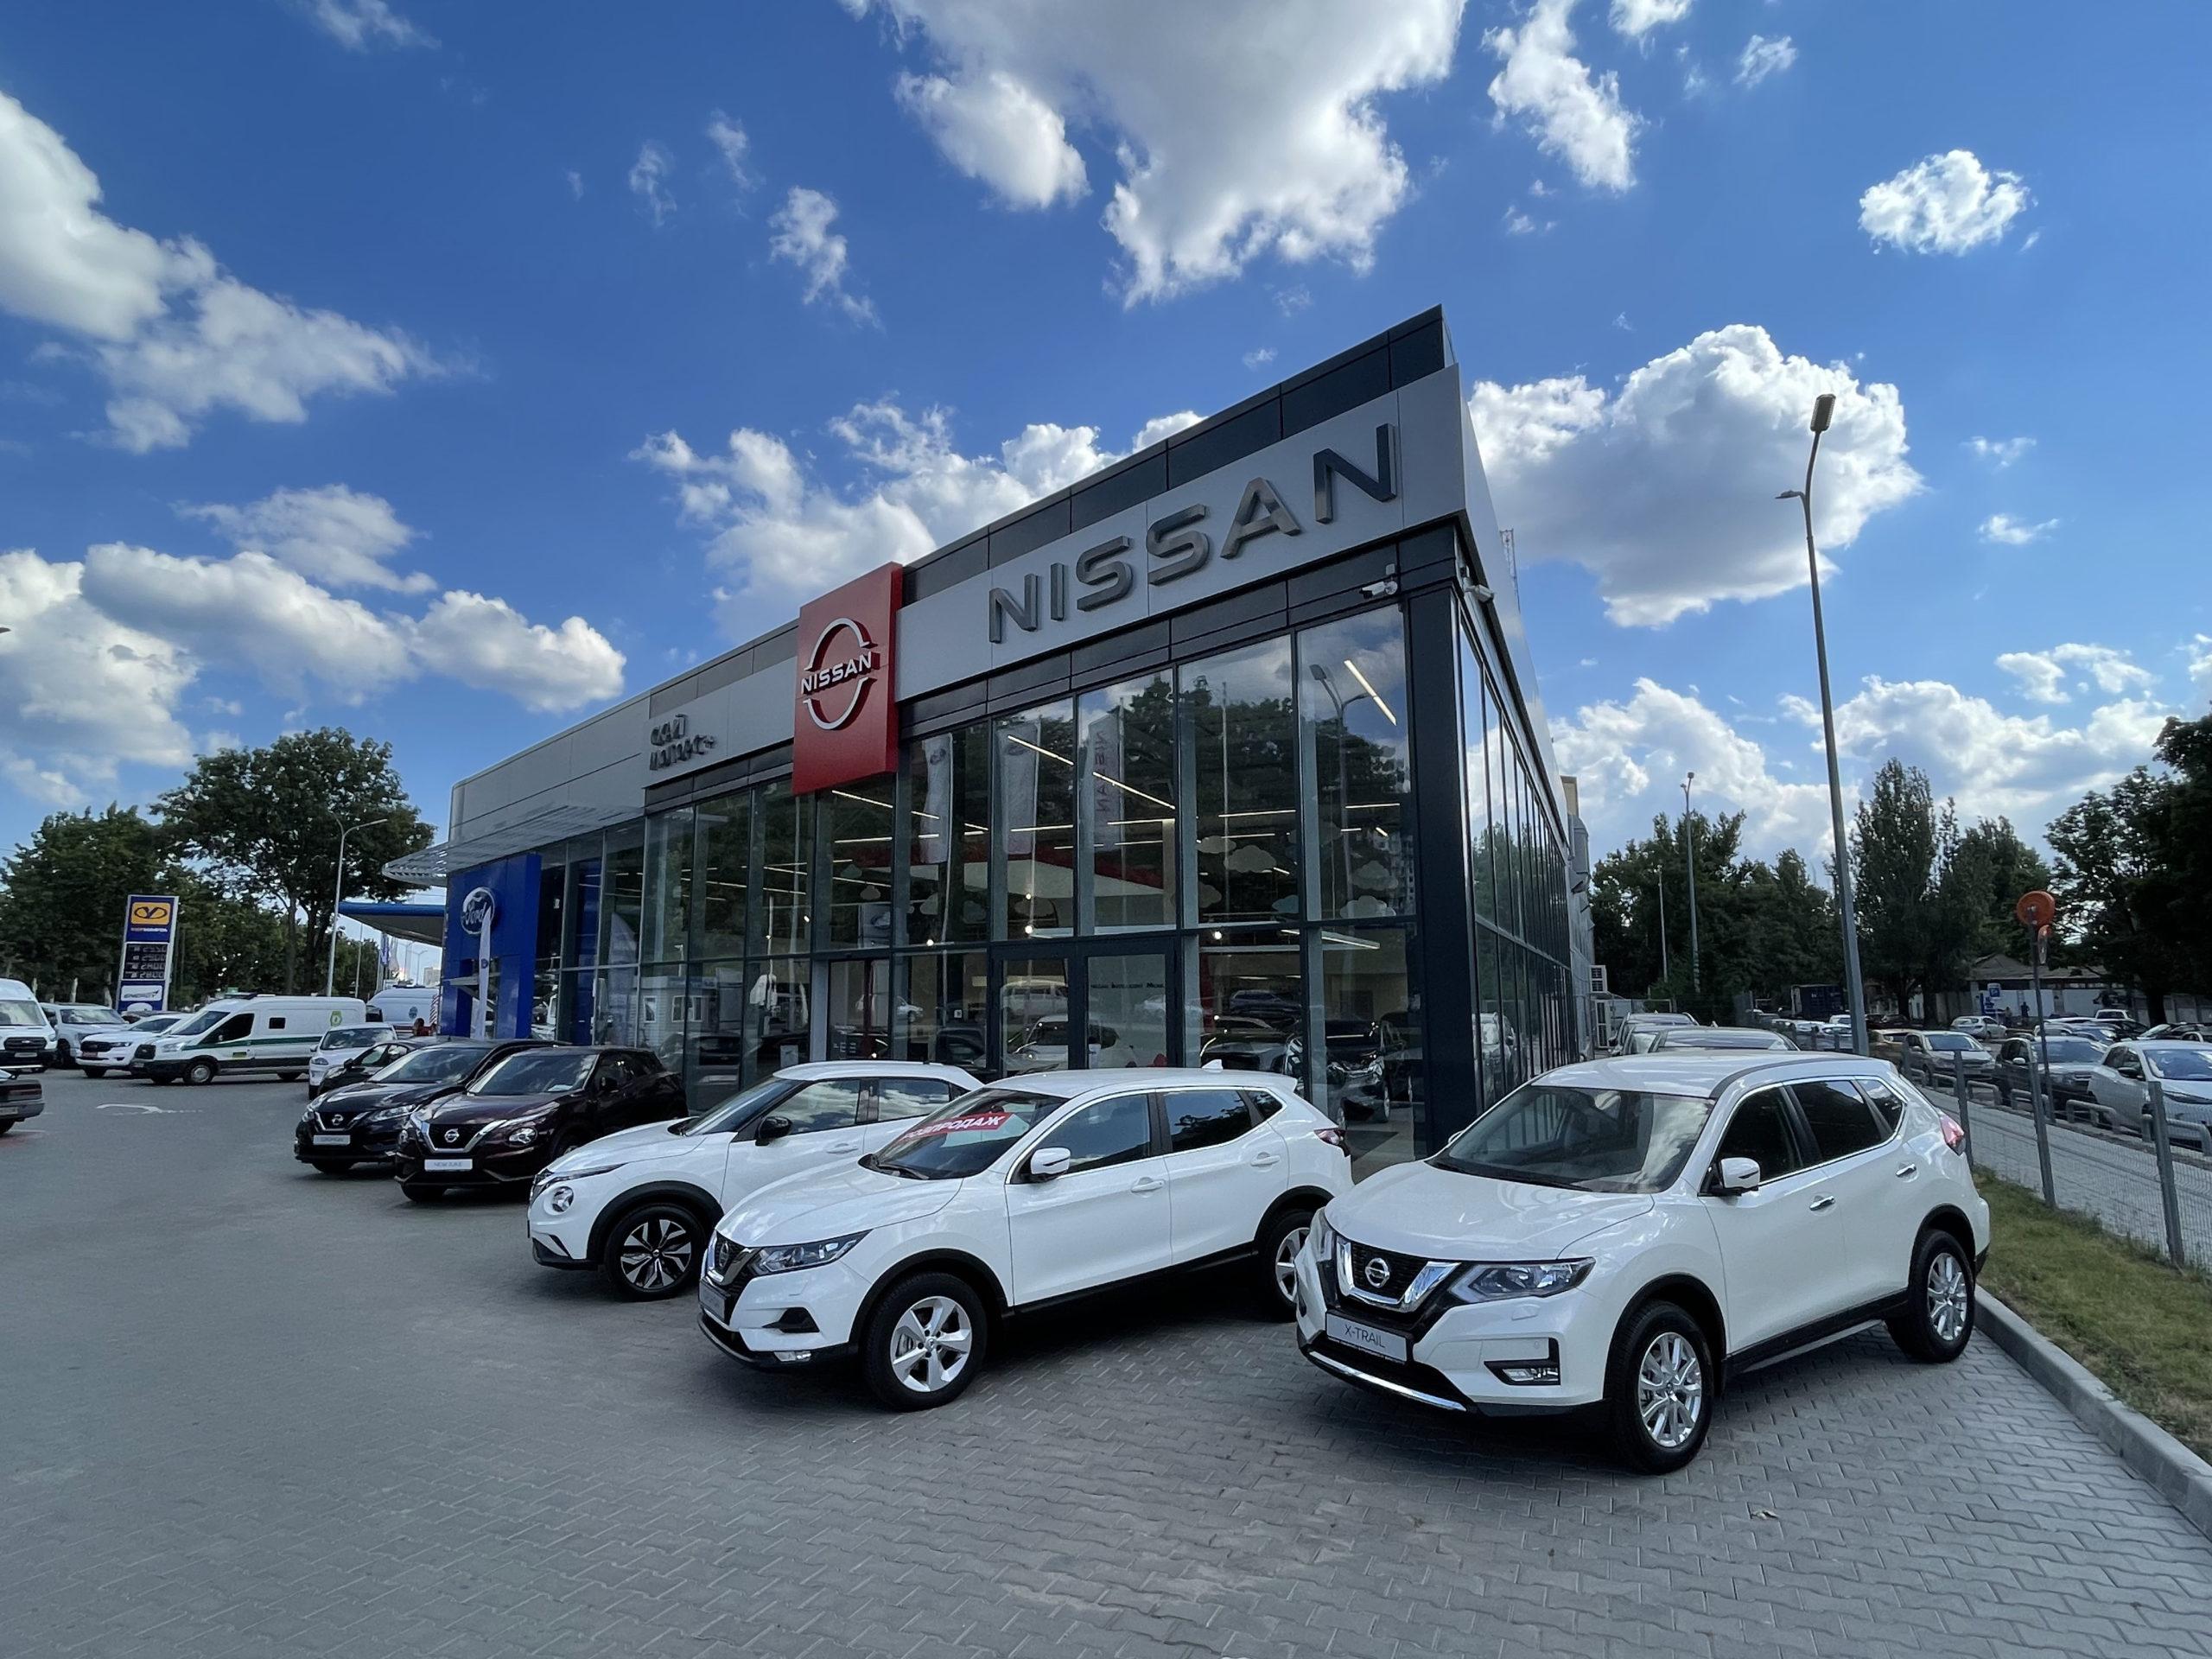 Salon Nissana zgodny z najnowszą wizualizacją marki